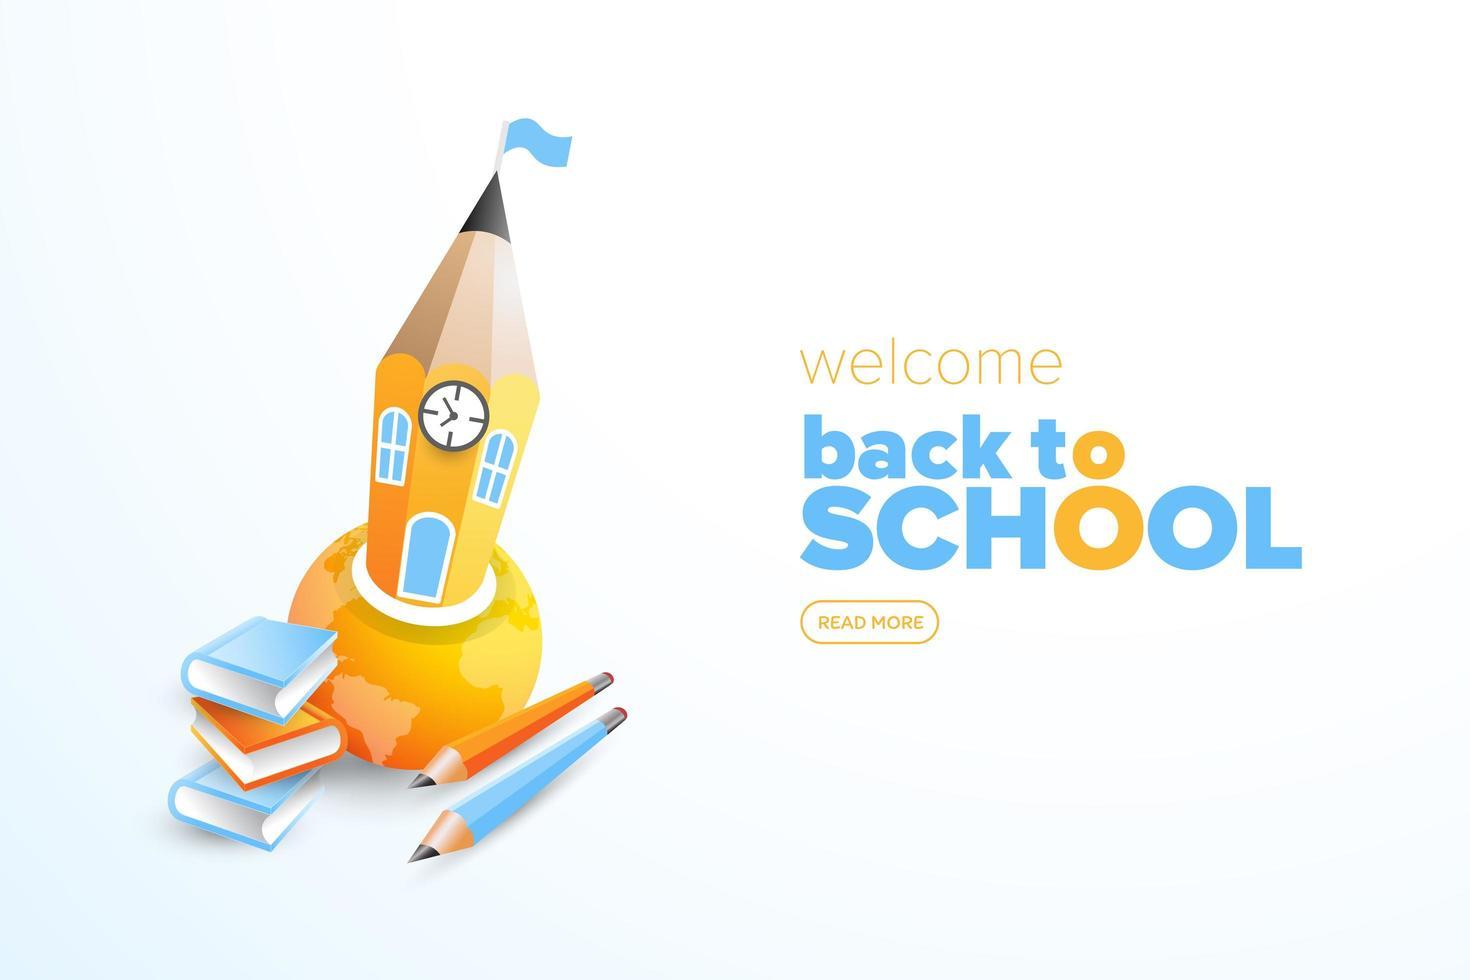 torna al poster della scuola con la matita nel globo vettore